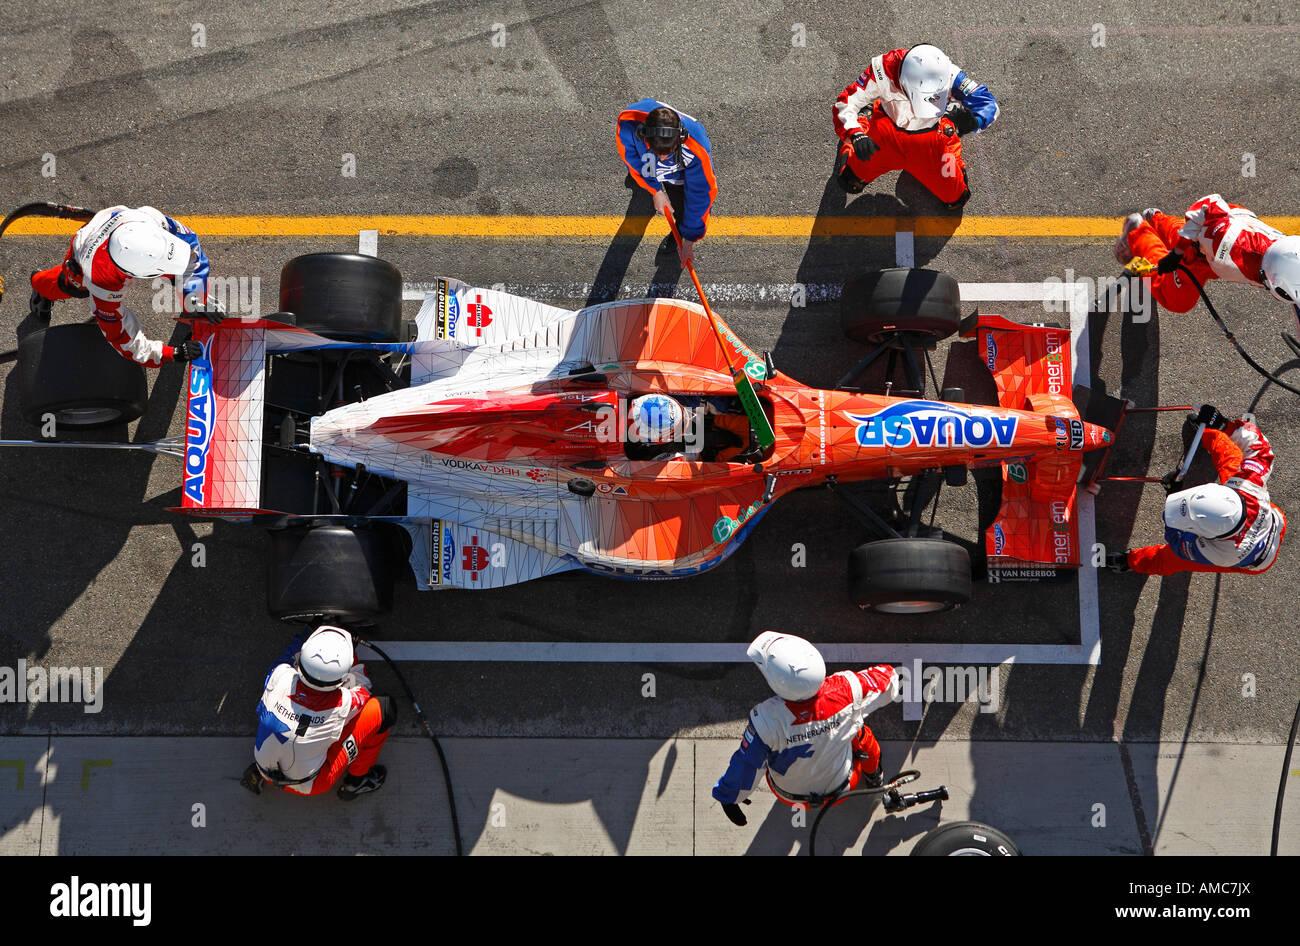 Circuito Holanda : A team holanda pit stop en el circuito de brno república checa